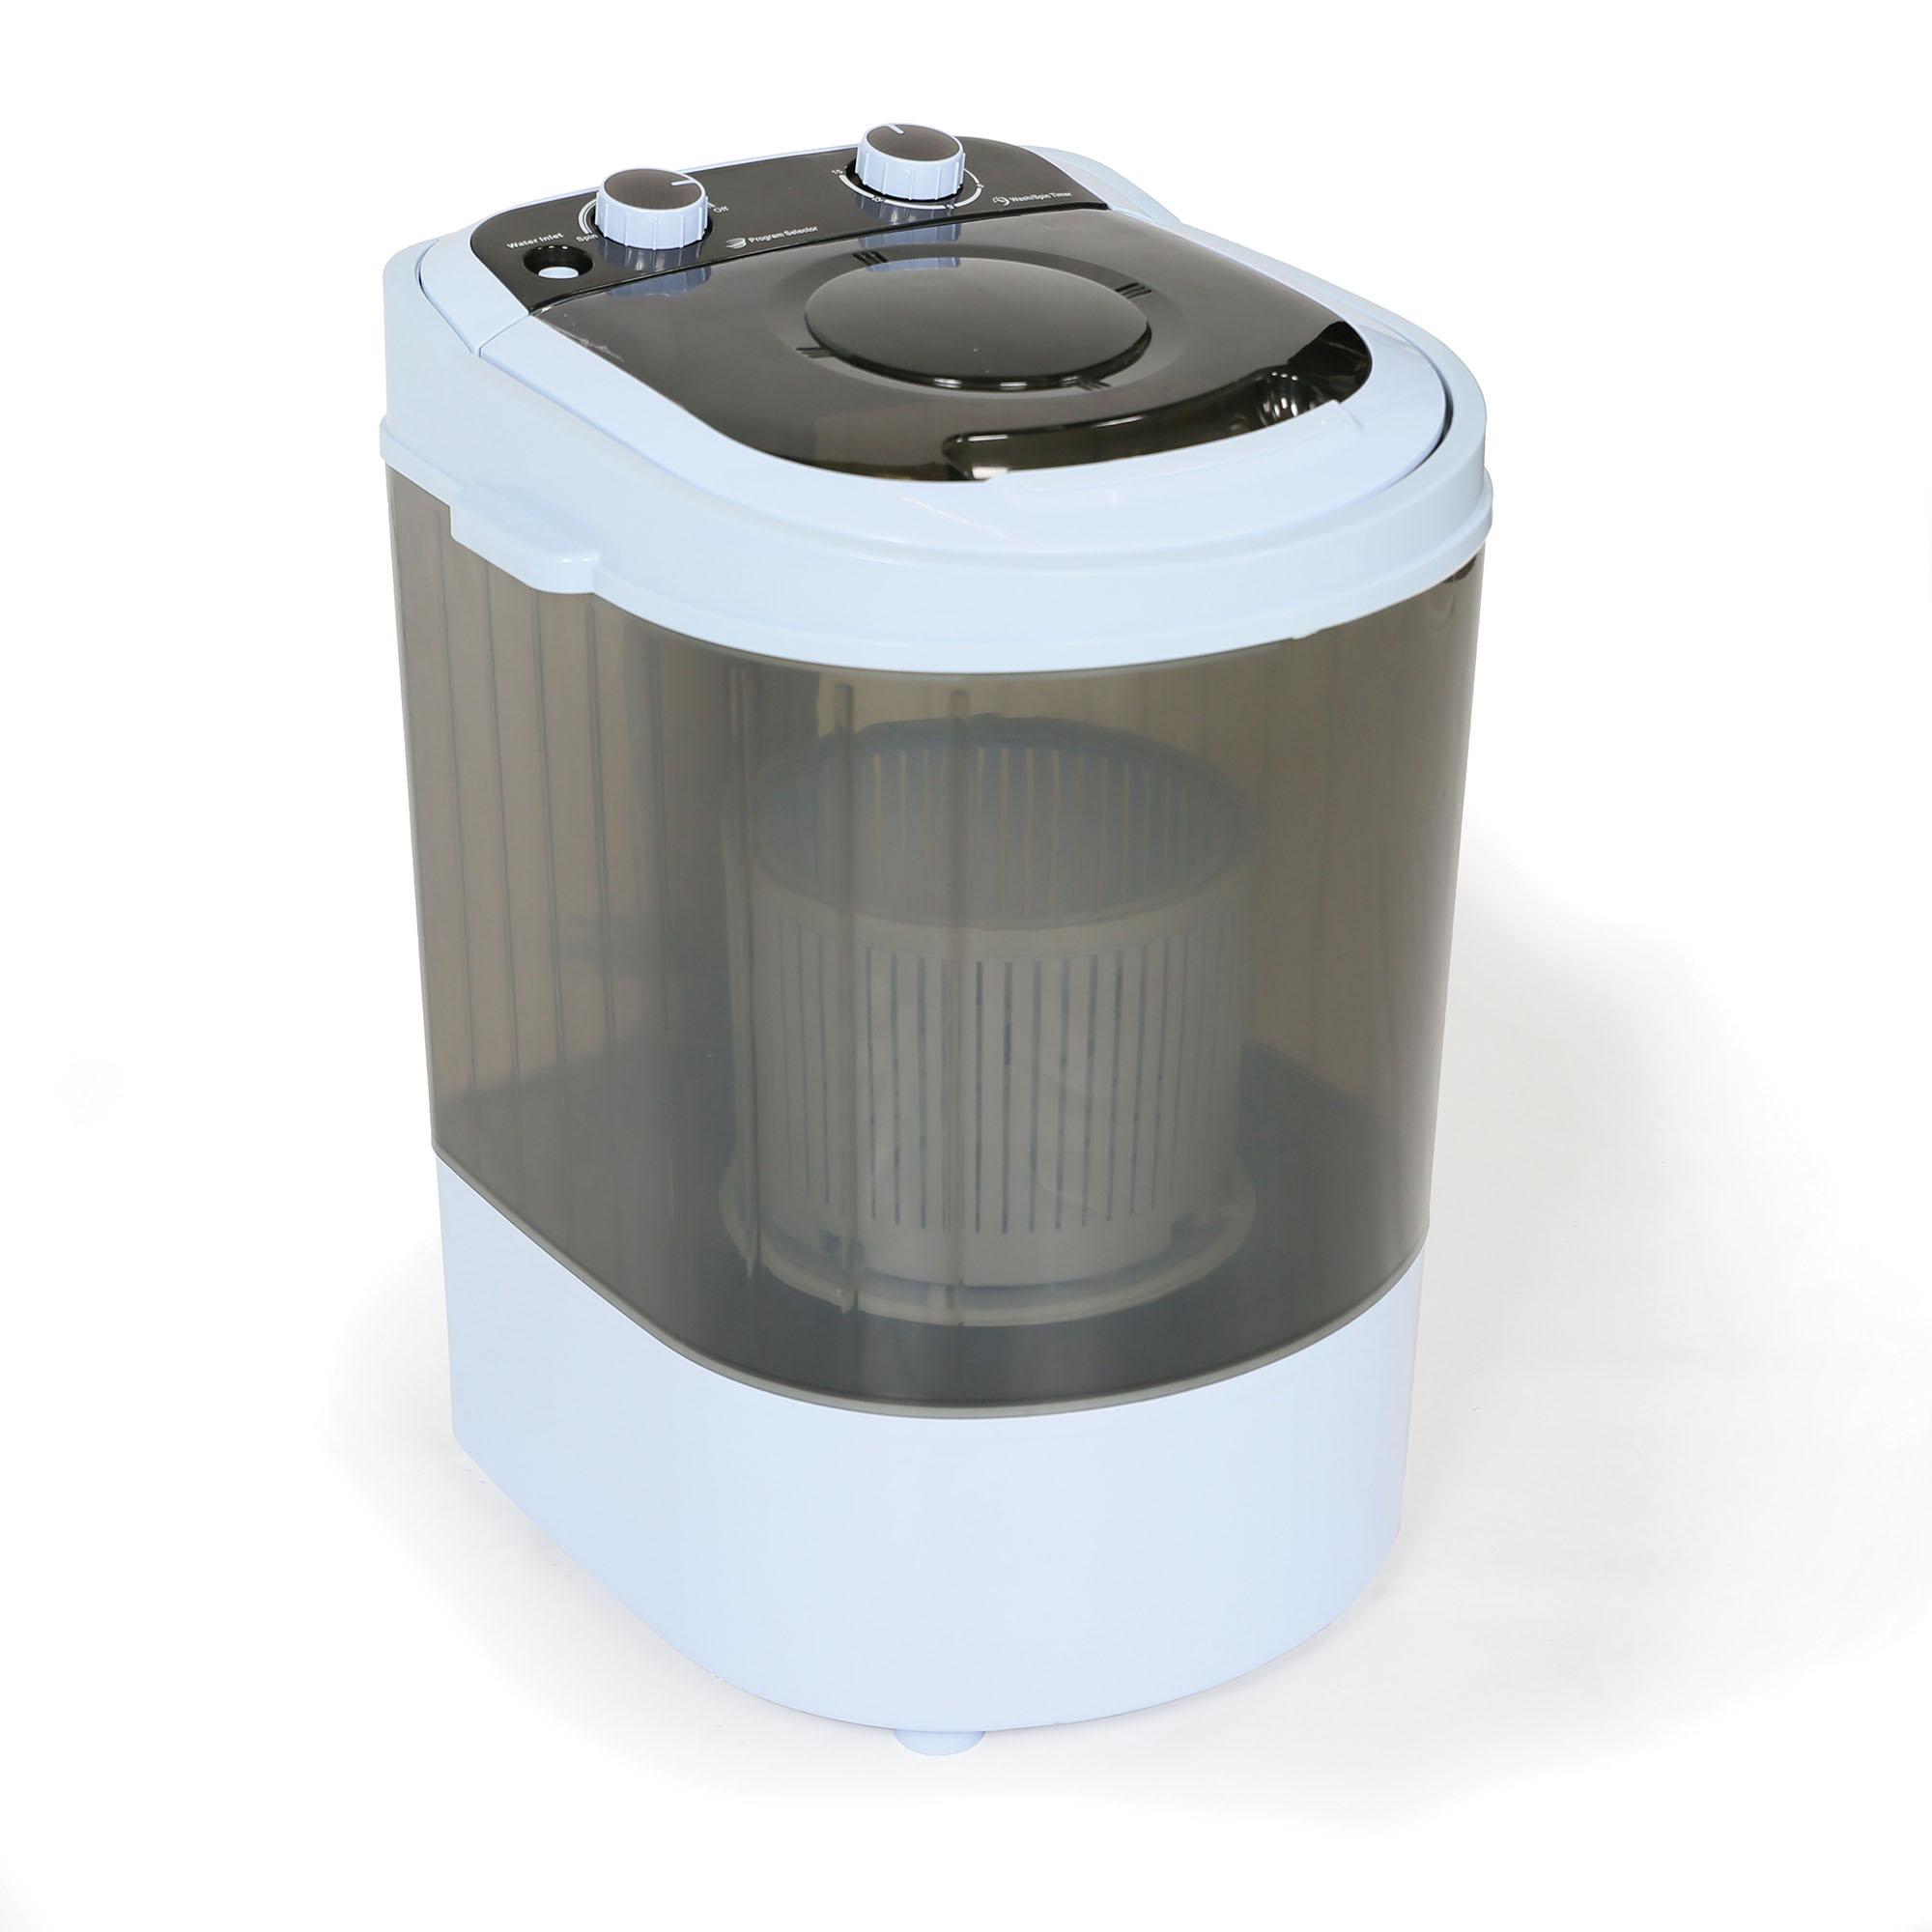 Portable Washing Machine photo